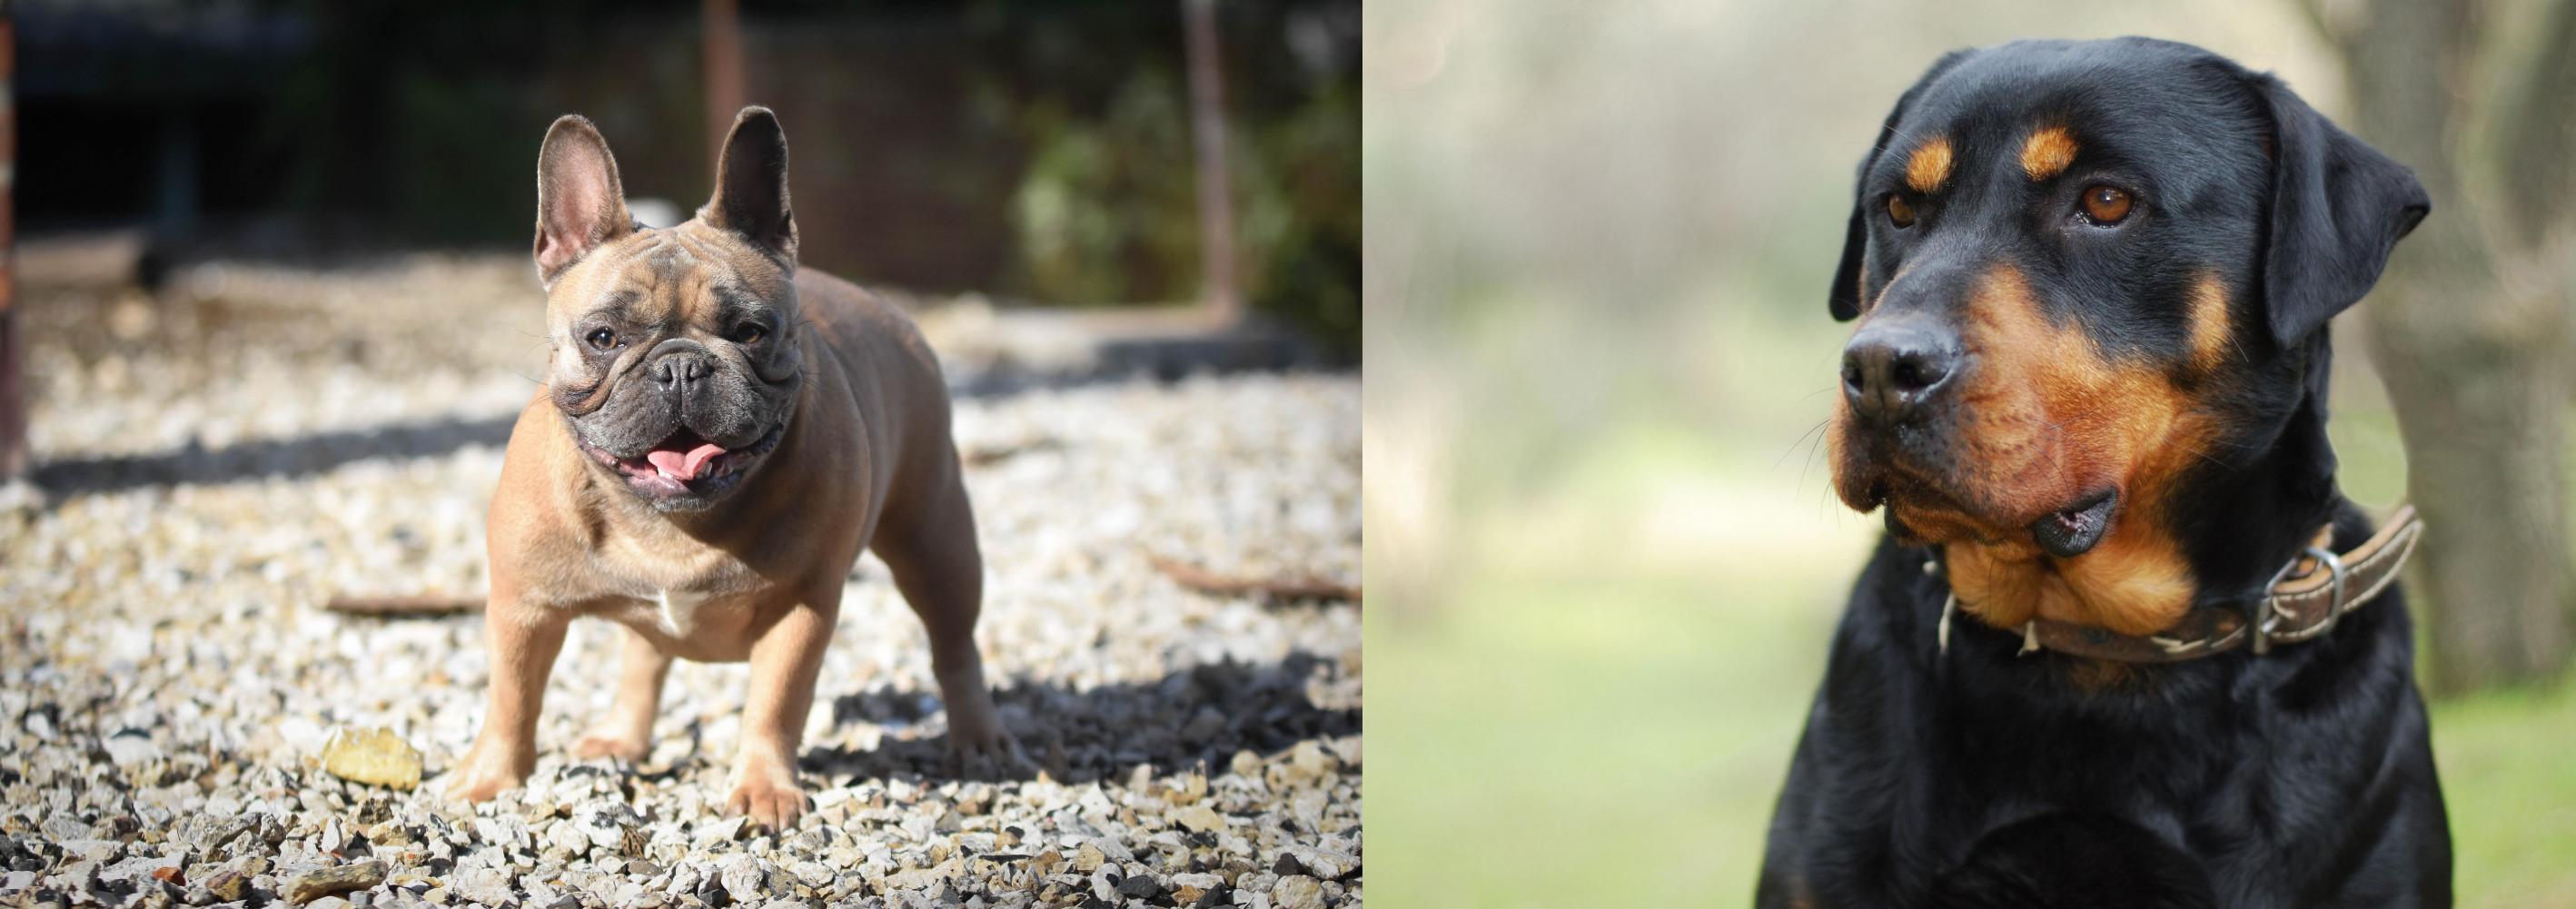 Rottweiler Vs French Bulldog Breed Comparison Mydogbreeds